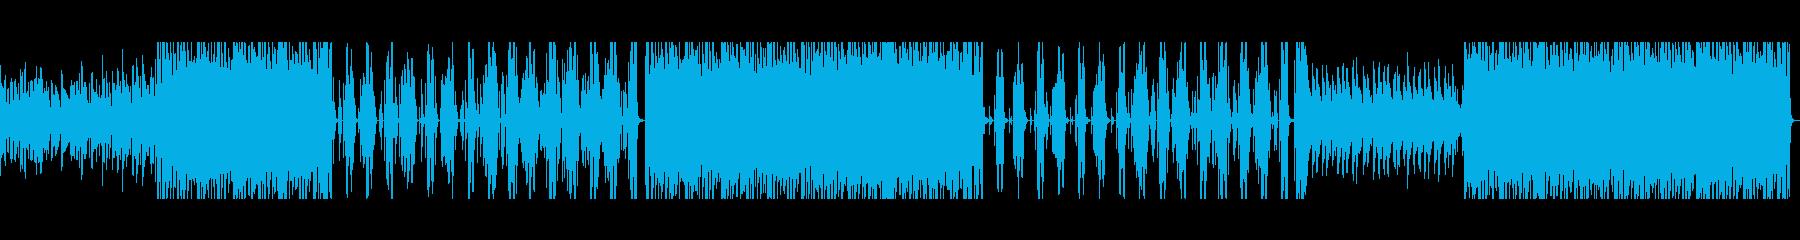 Lo-fiシンセと心地よいビートの曲の再生済みの波形